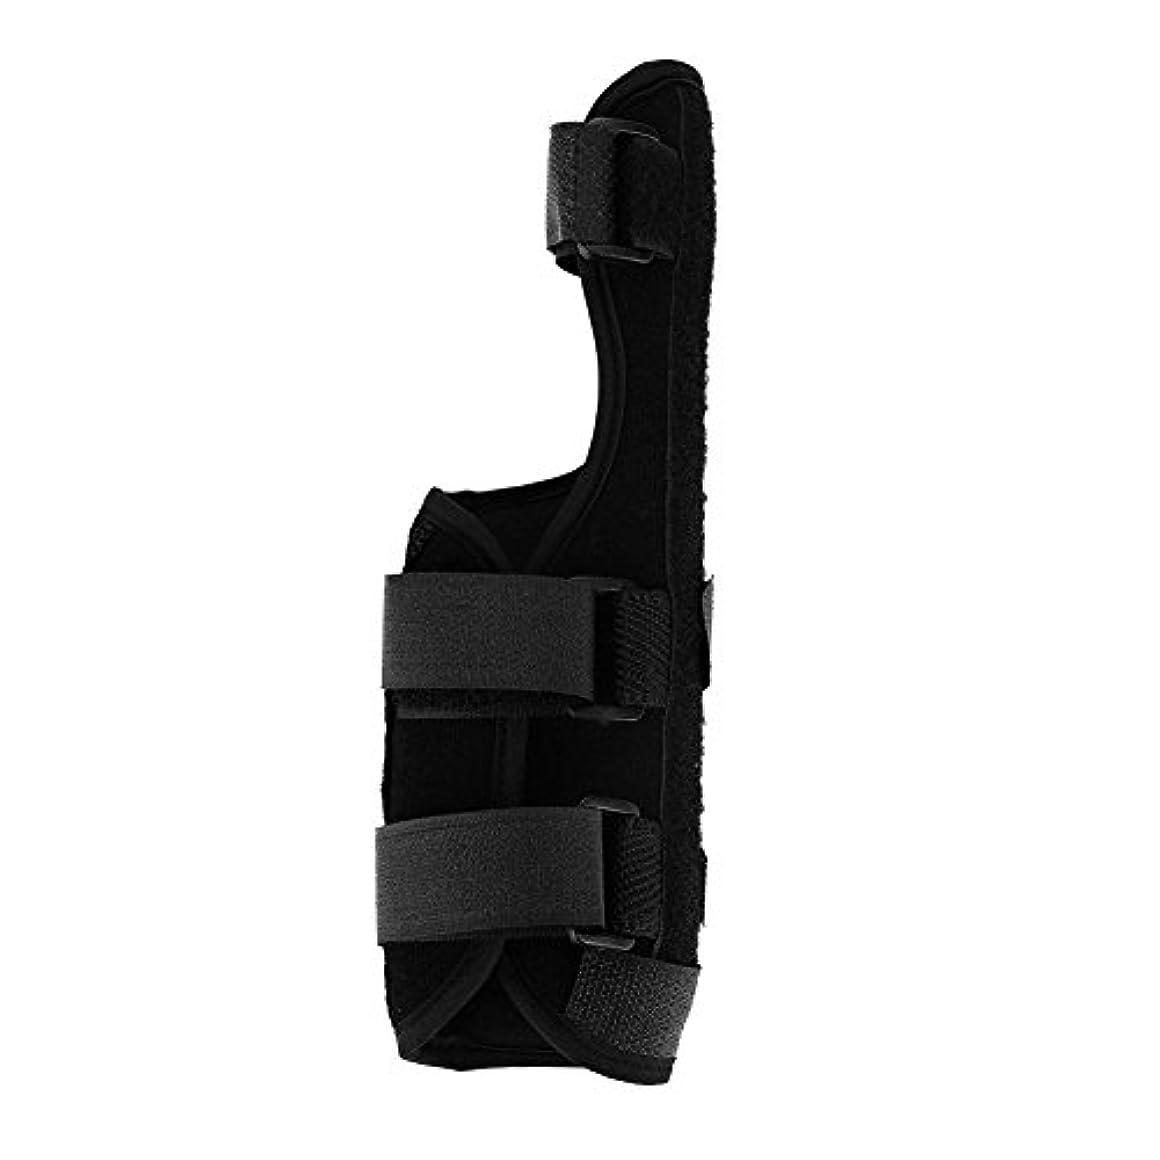 抑圧者アシュリータファーマン不正確高度な手首ブレース - 手根管手首副子。手根管症候群、手首の痛み、捻挫、RSI、関節炎の即時鎮痛に最適(A la derechaL)